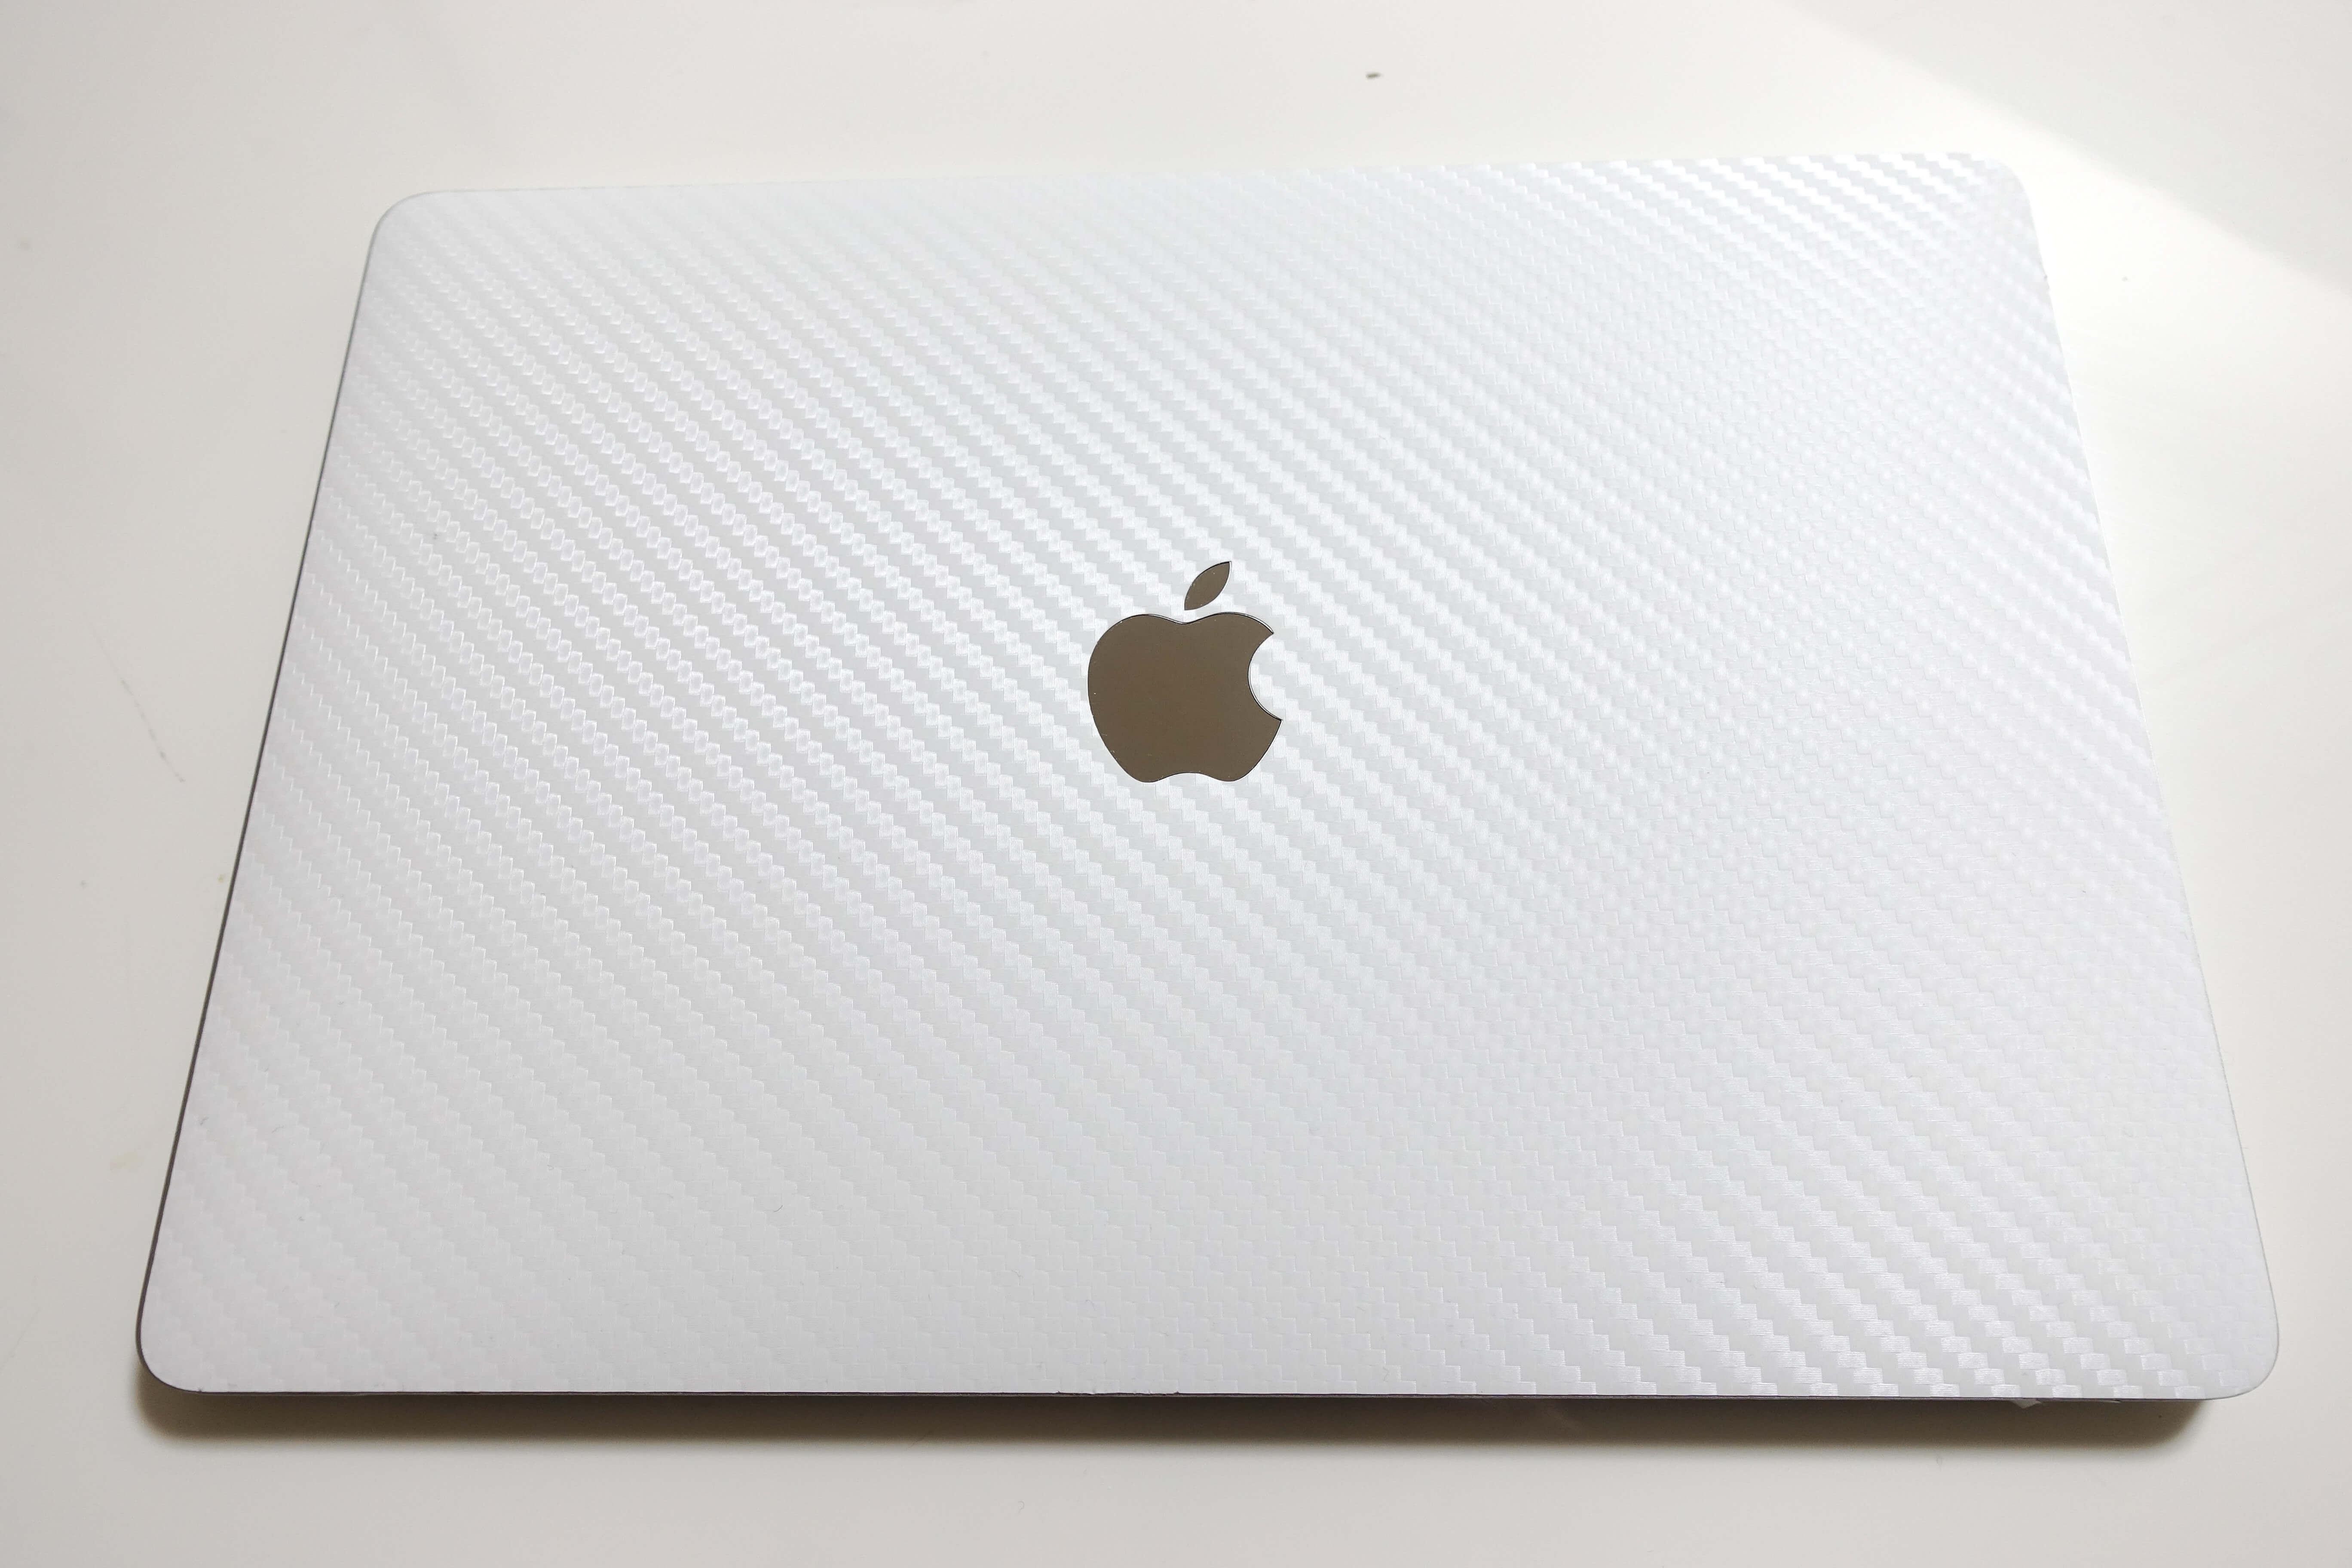 180106 macbook pro 01